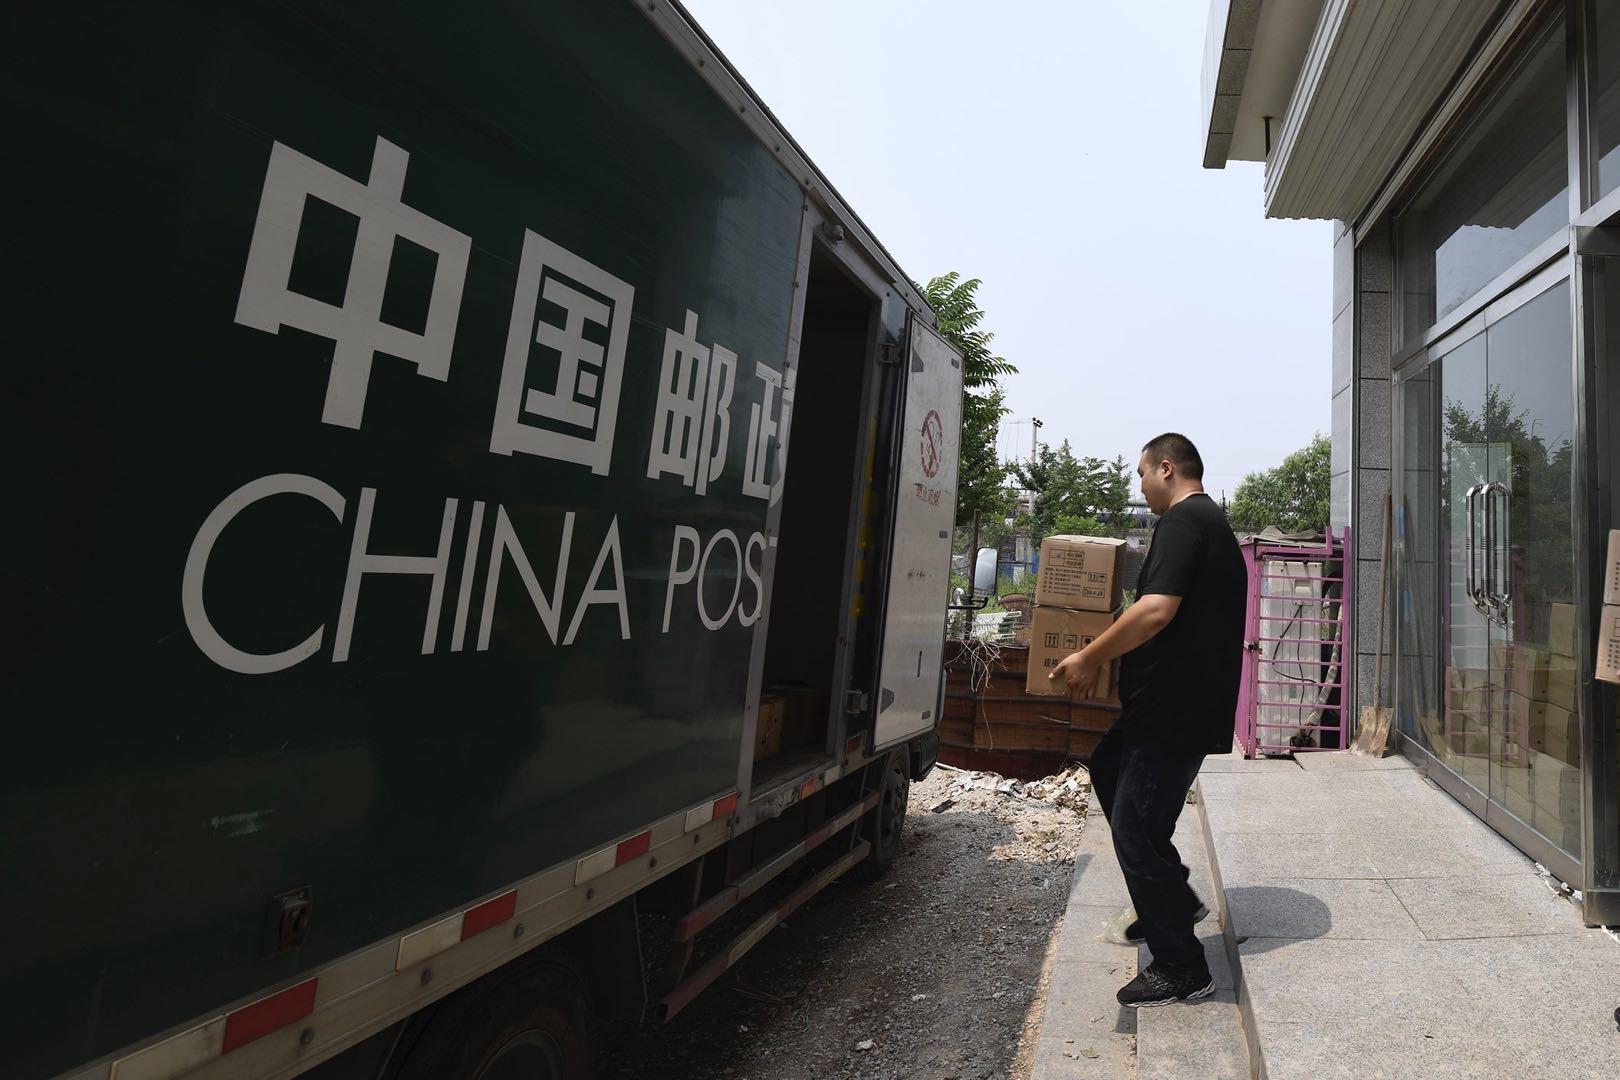 中國郵政開藥房: 從物流延伸而來,僅開一家試水